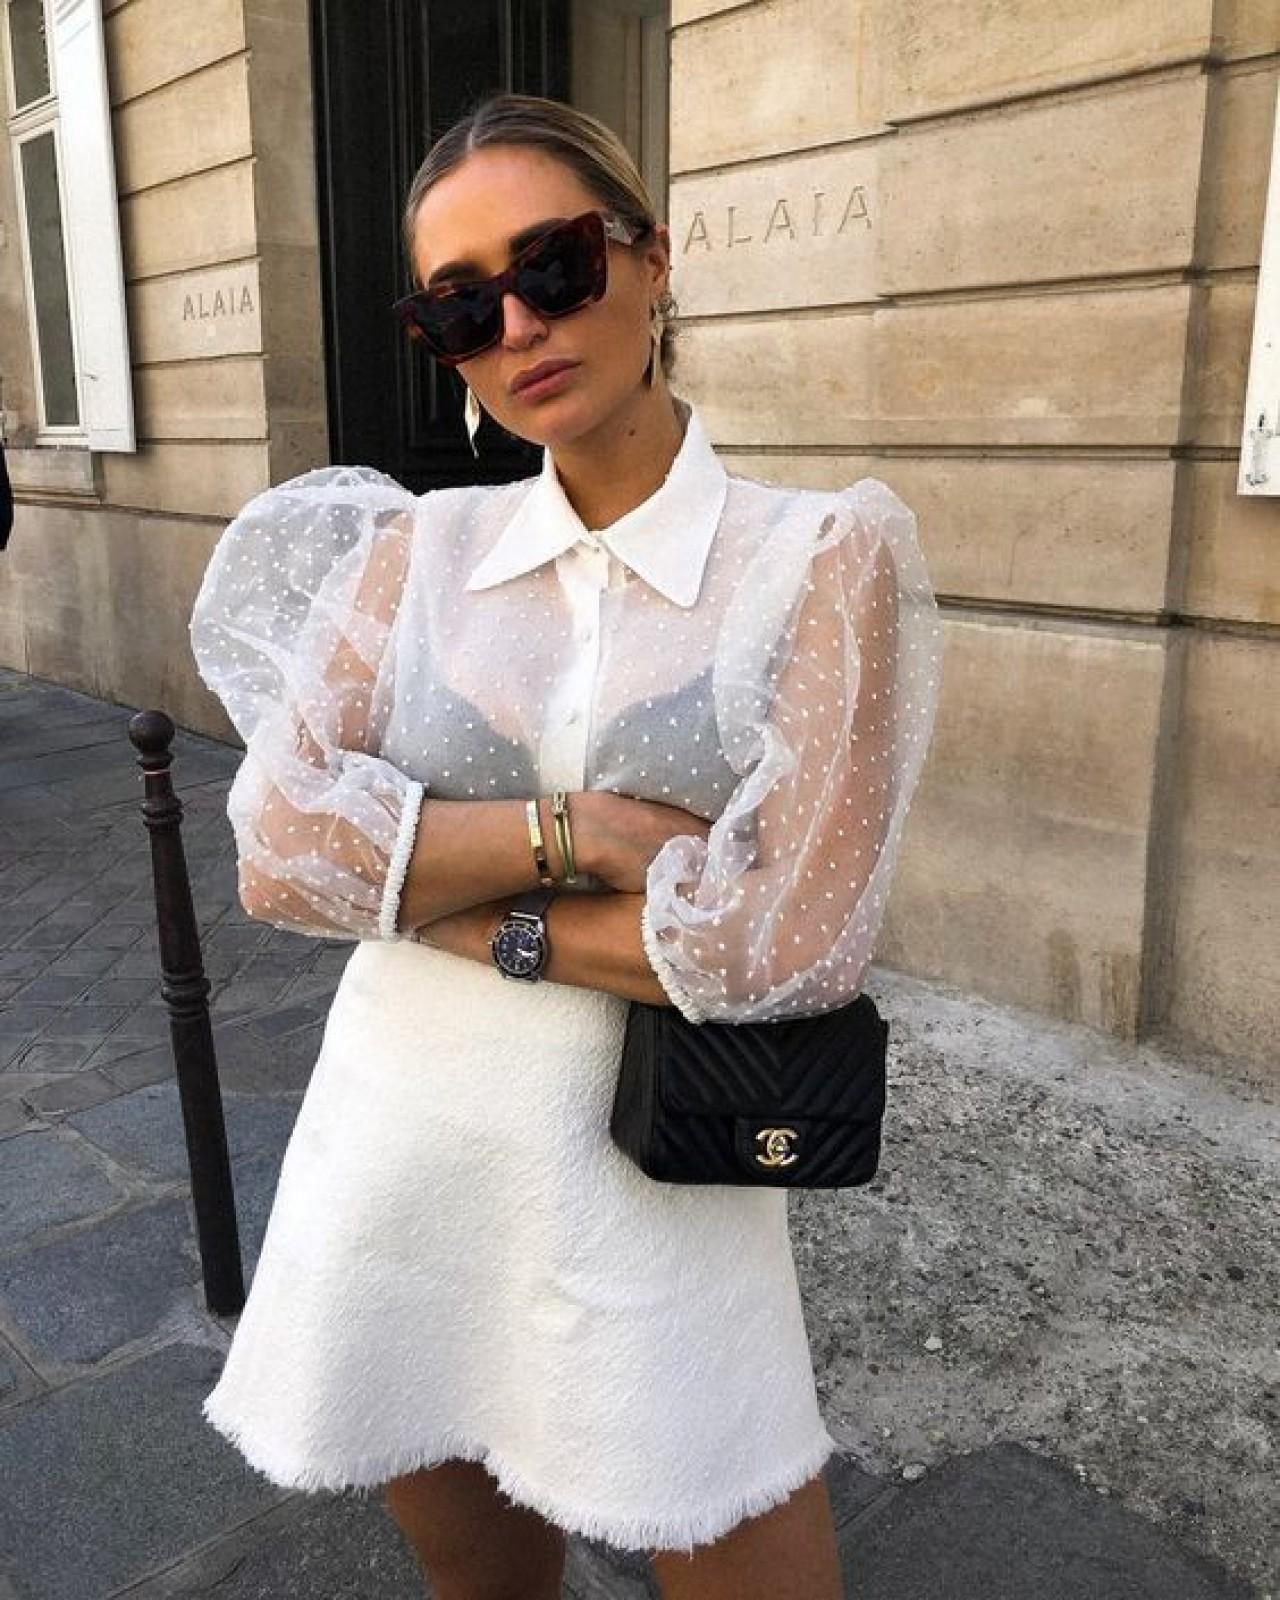 olivia faeh mặc áo sơ mi voan trắng và chân váy trắng